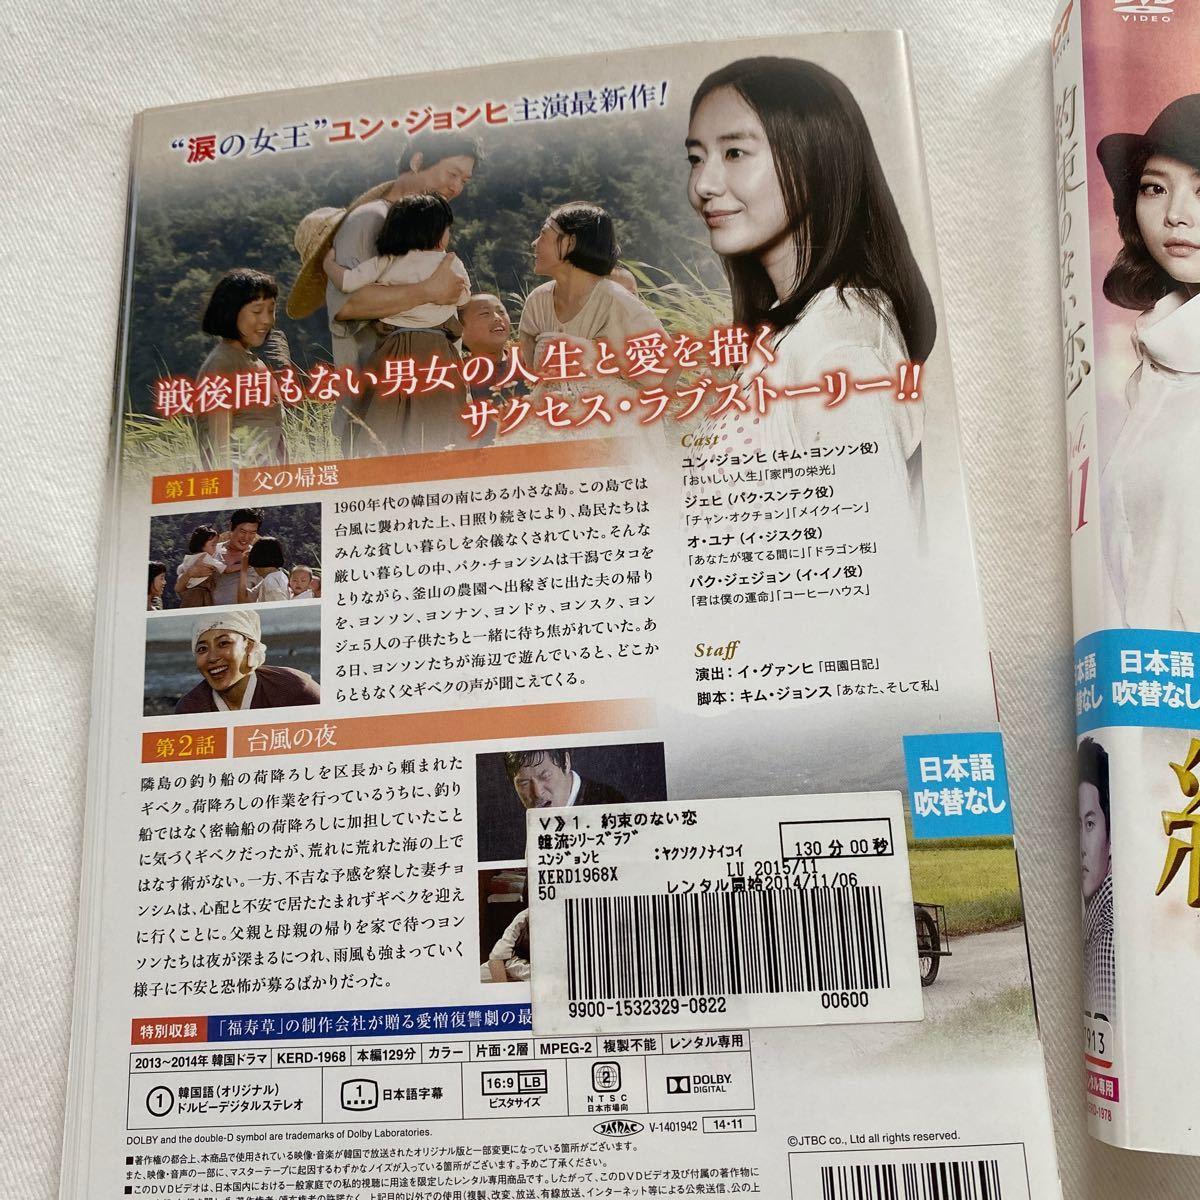 約束のない恋 全話 韓国ドラマ  DVD レンタル落ち 韓流